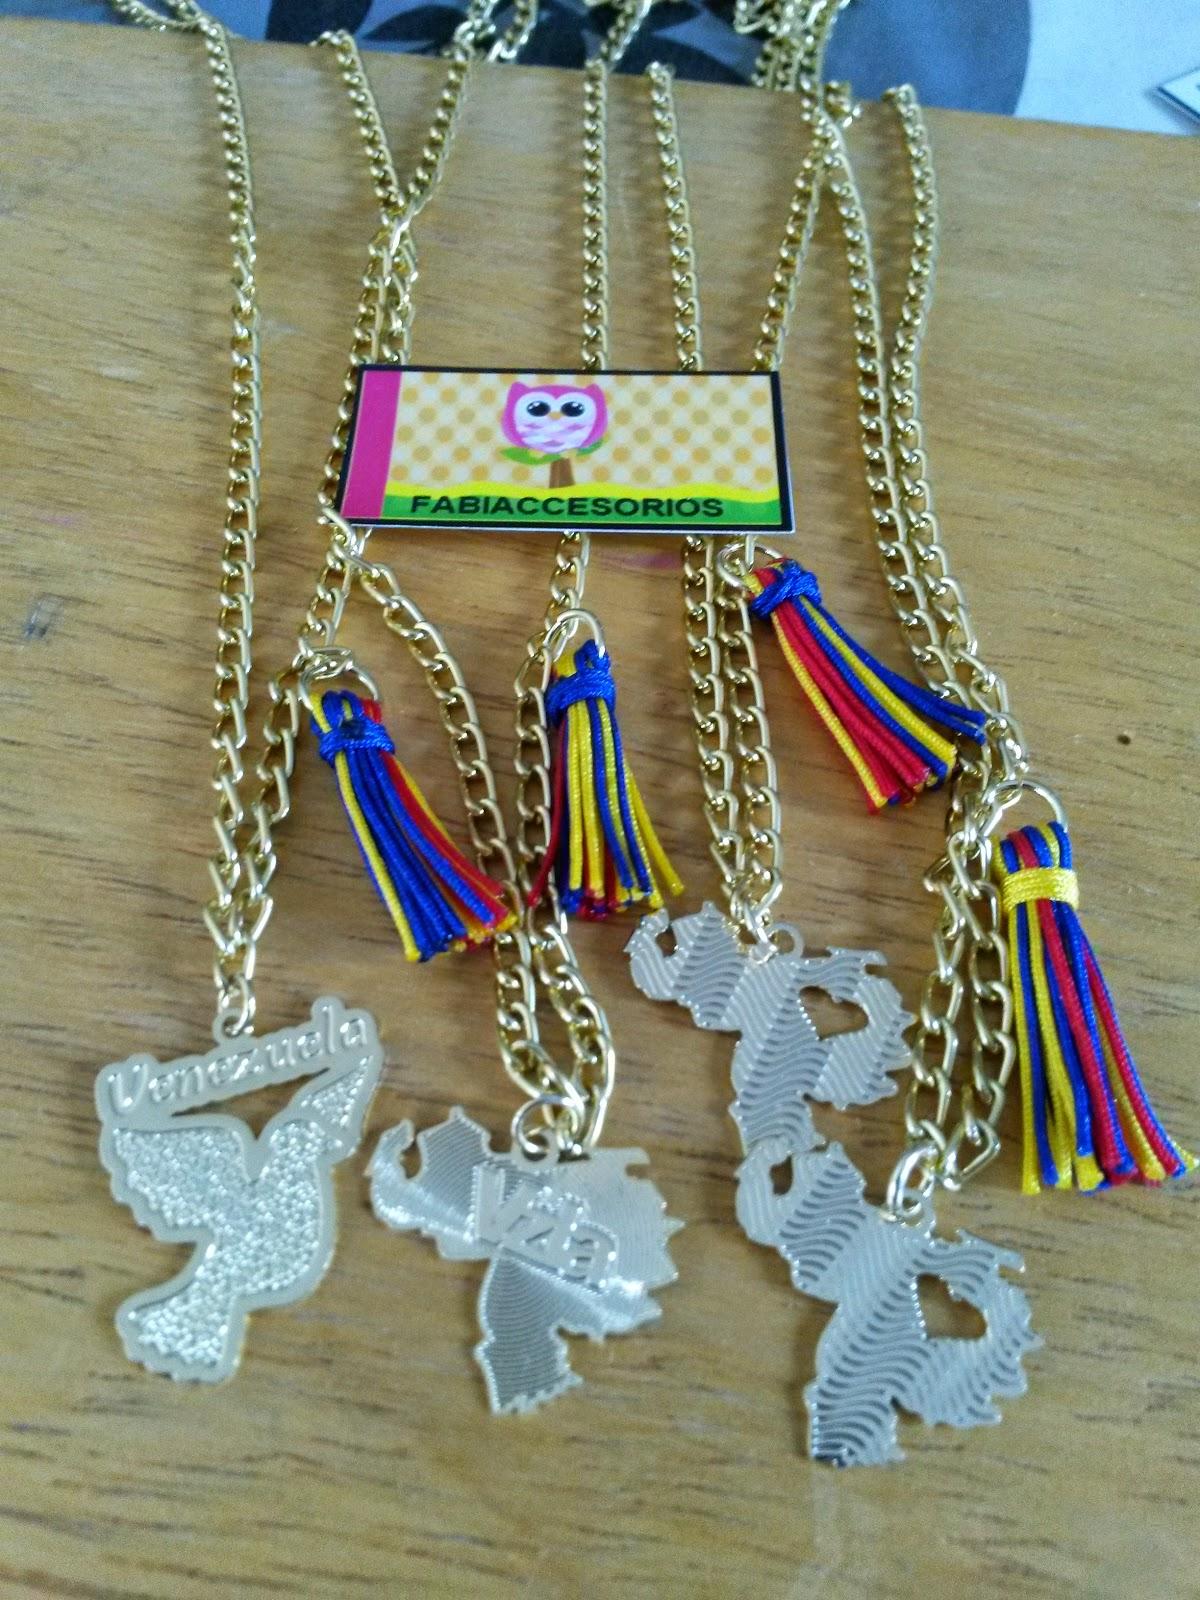 fd932edb6d Hermosos collares representativos de nuestro pais Venezuela